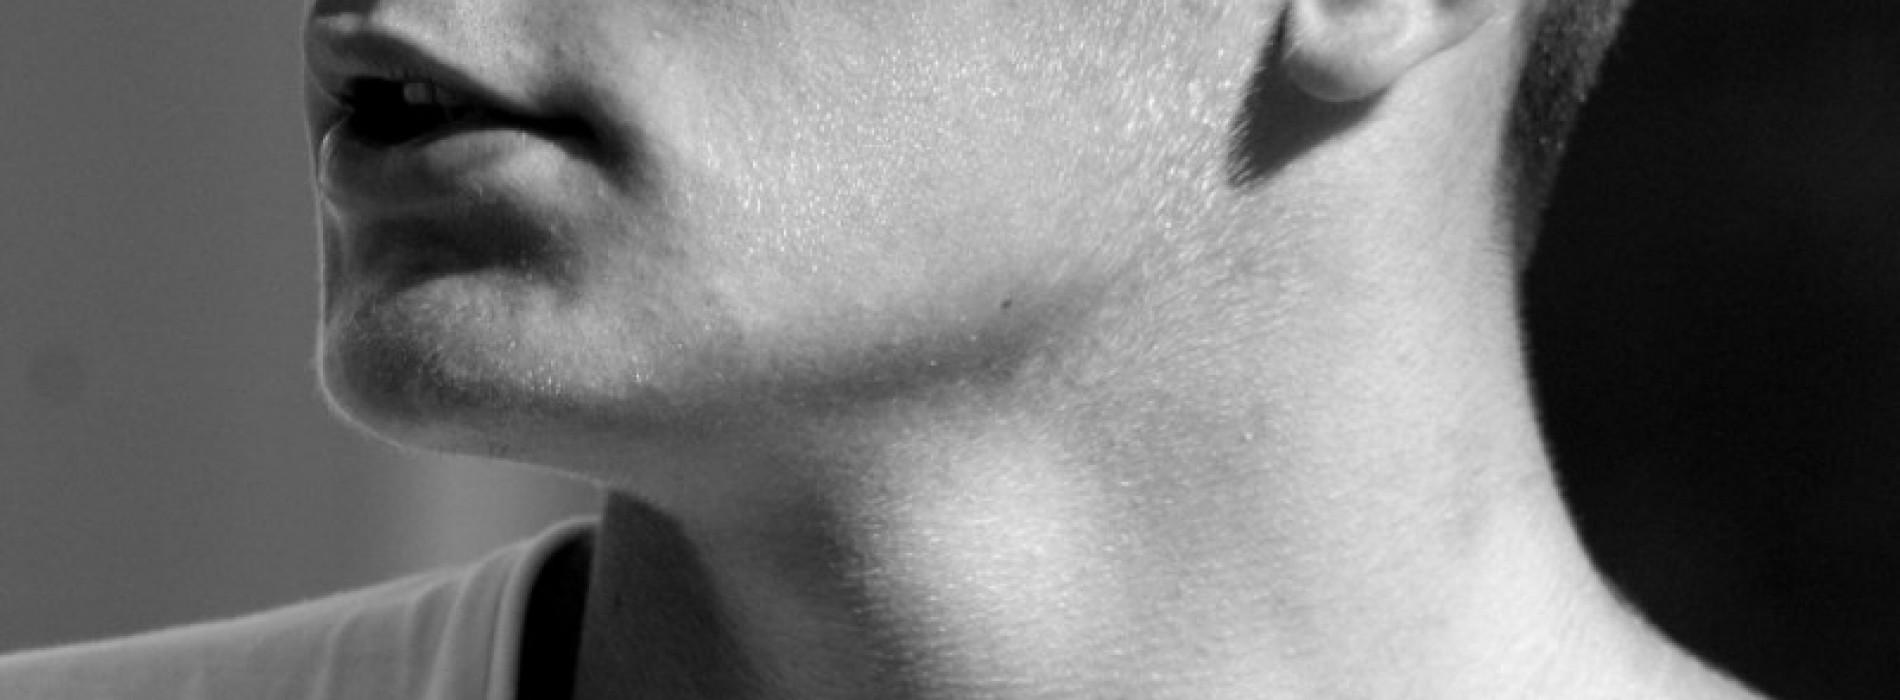 Poartă ochelari potriviți feței tale și cu filtru de radiații ultraviolete